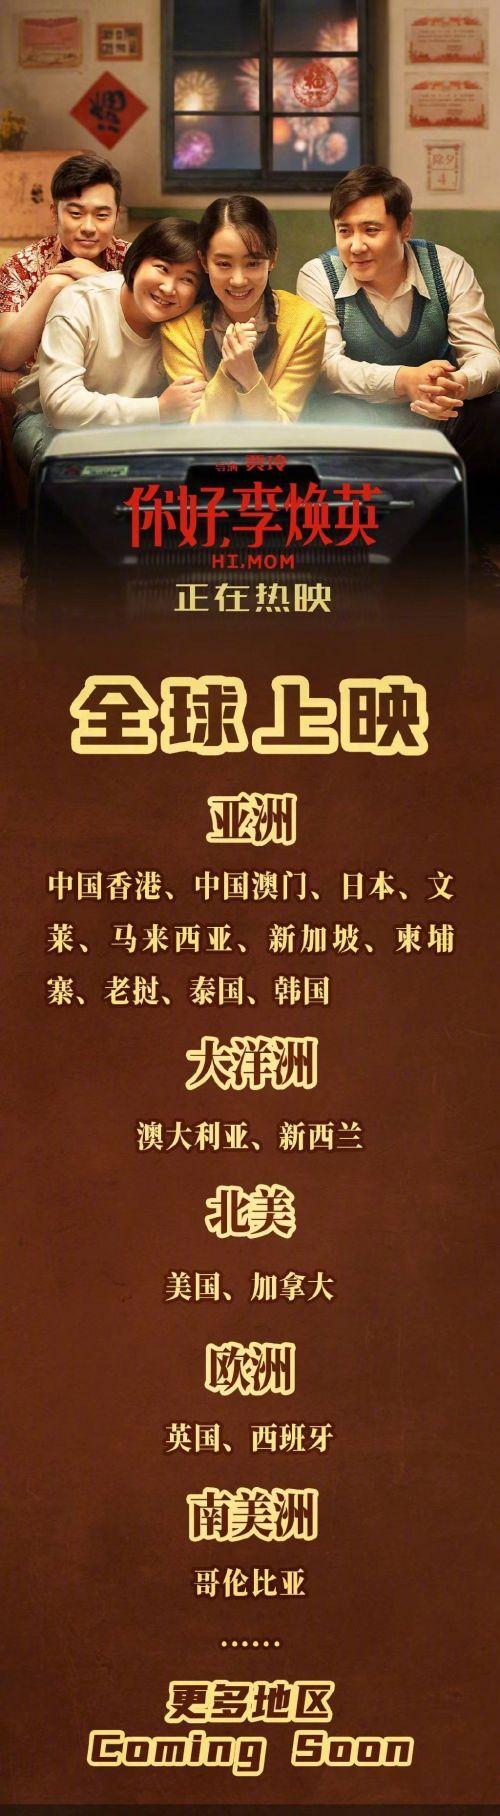 电影《你好,李焕英》即将在全球上映,国内票房破52亿